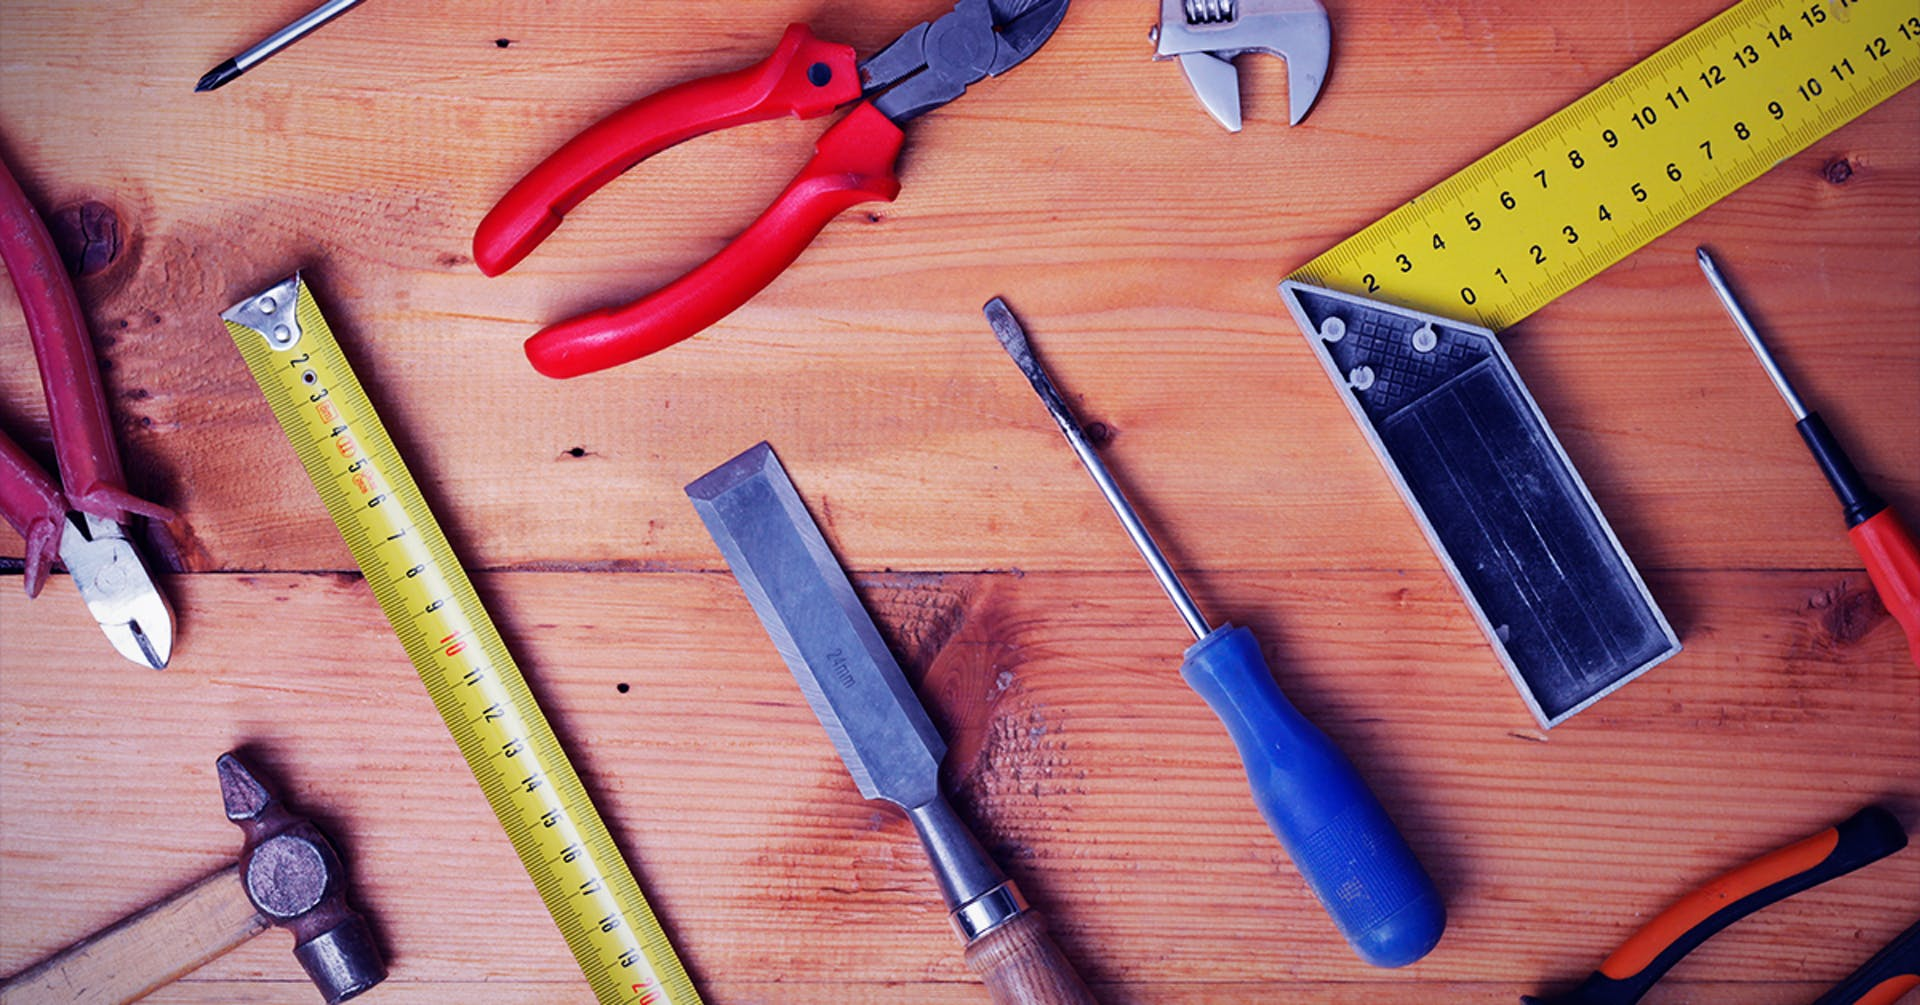 Las 10 herramientas de carpintería que debes tener en tu tablero